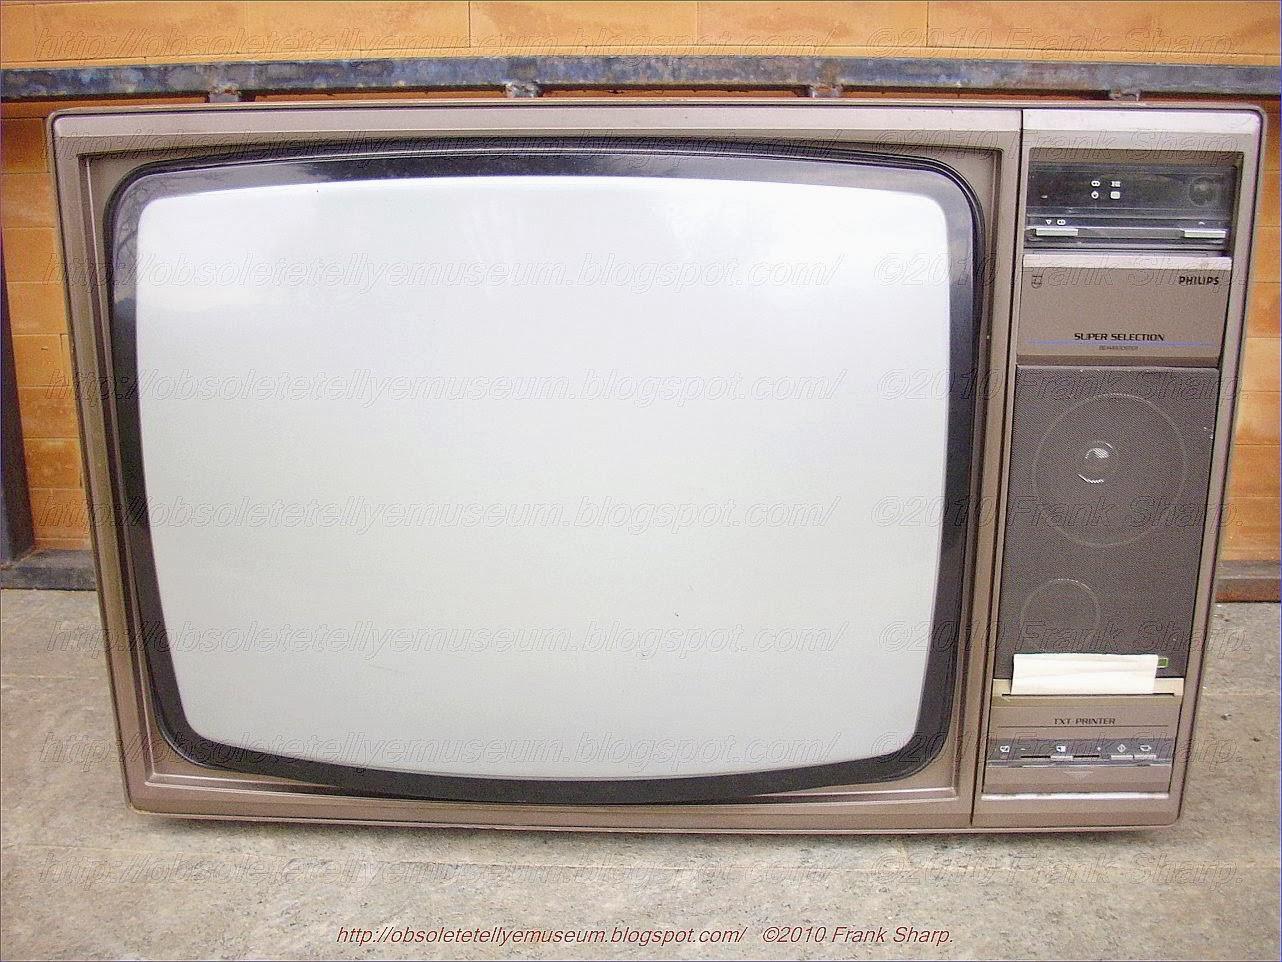 störung philipps tv kein bild